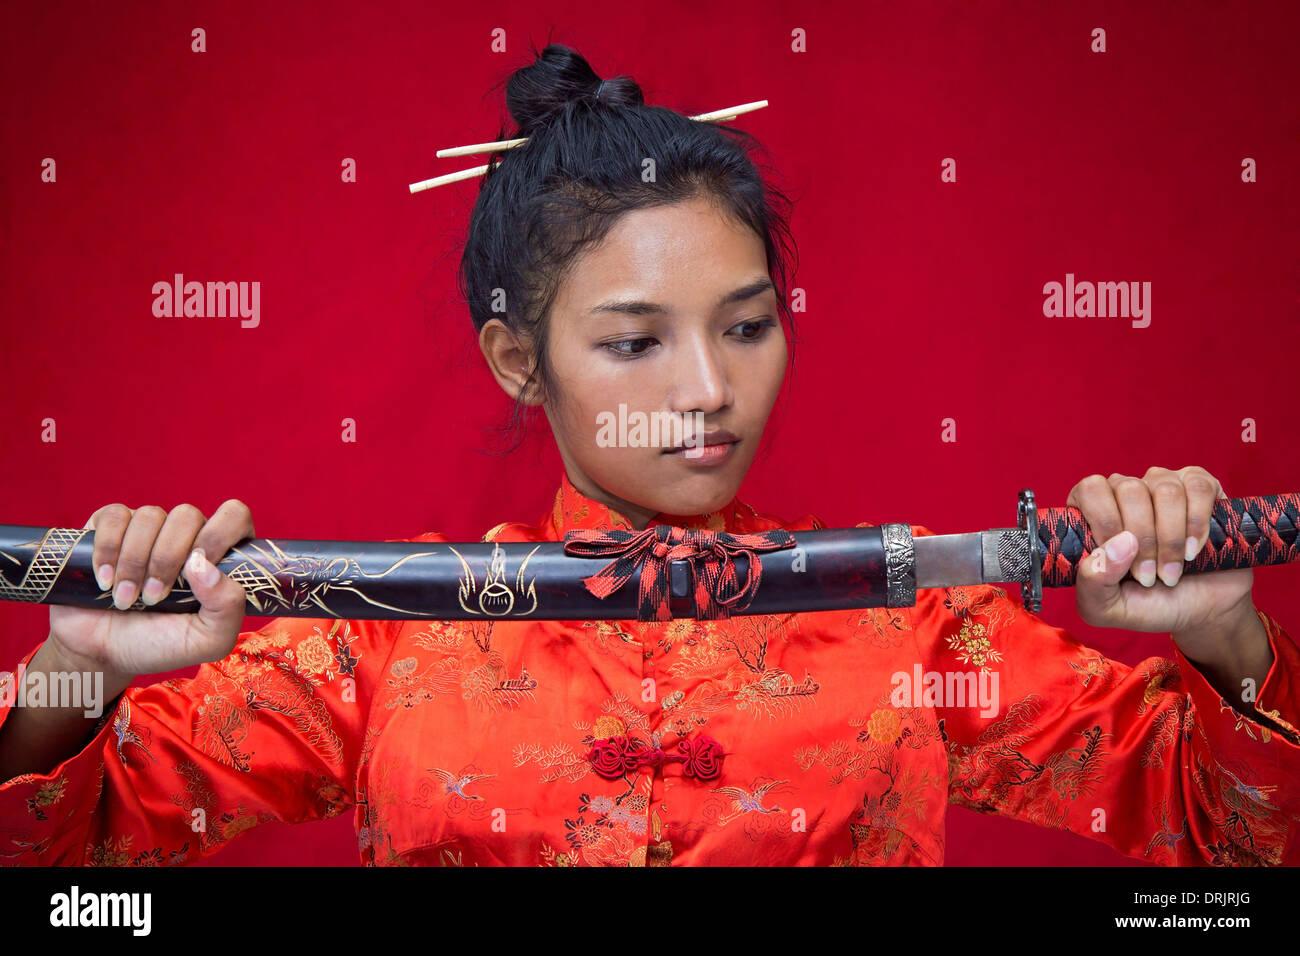 Asiatische Frau mit einem Schwert Stockfoto